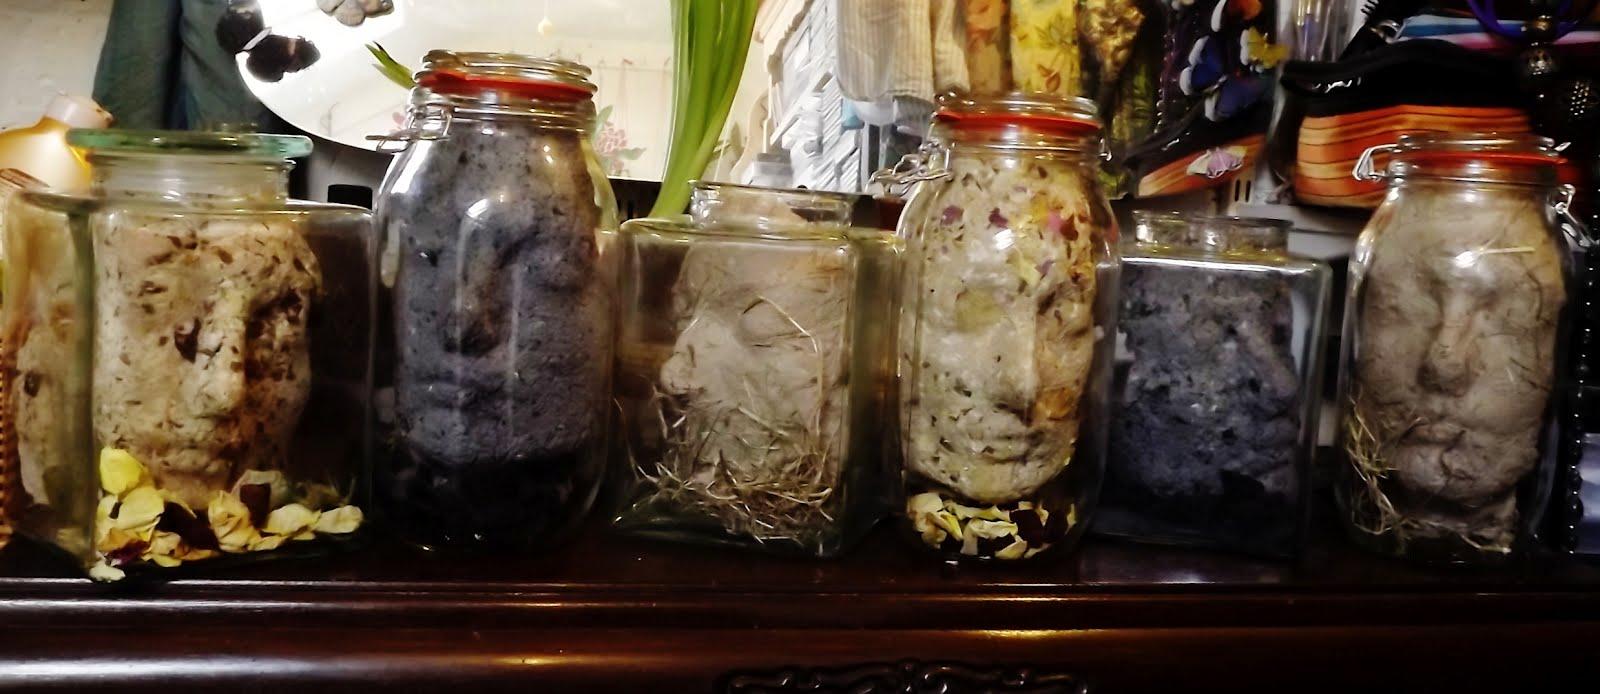 Charlotte pratt visual artist former of matter new works for Heads in jar